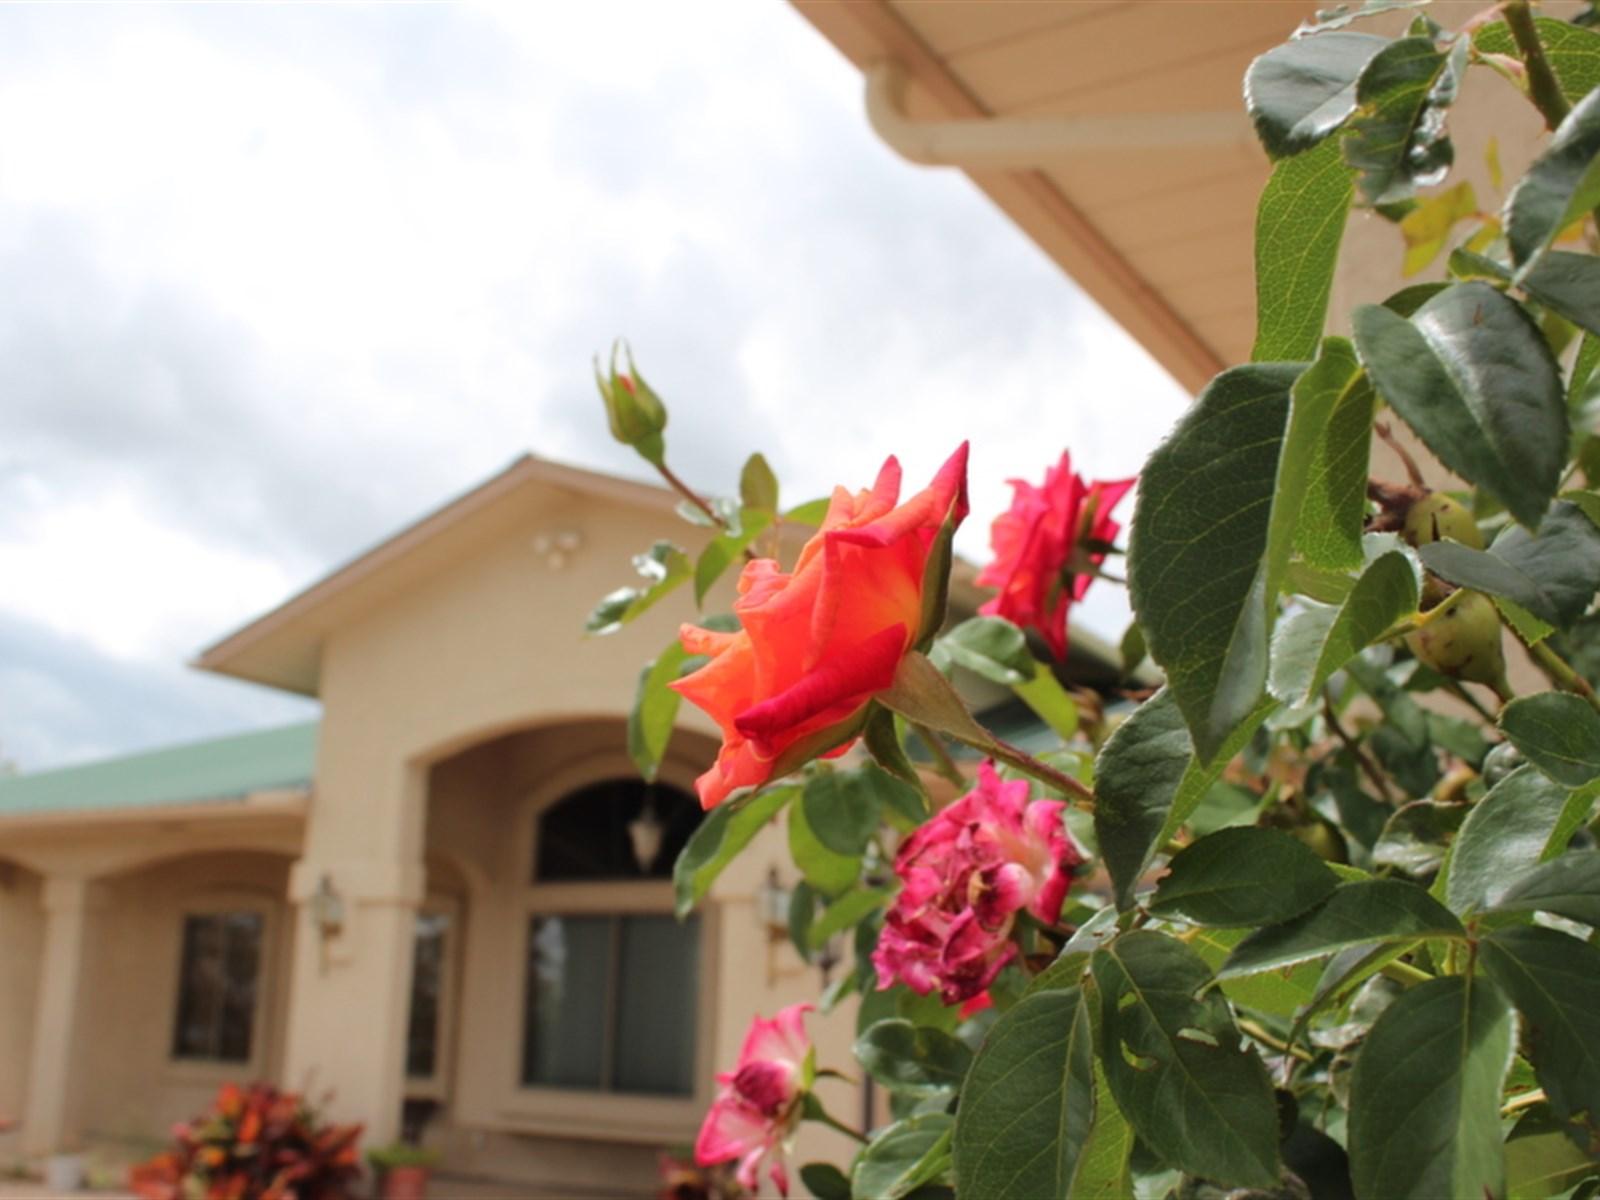 Casa Unifamiliar por un Venta en Perfect Family Home 5766 E Calle Coyote Hereford, Arizona 85616 Estados Unidos